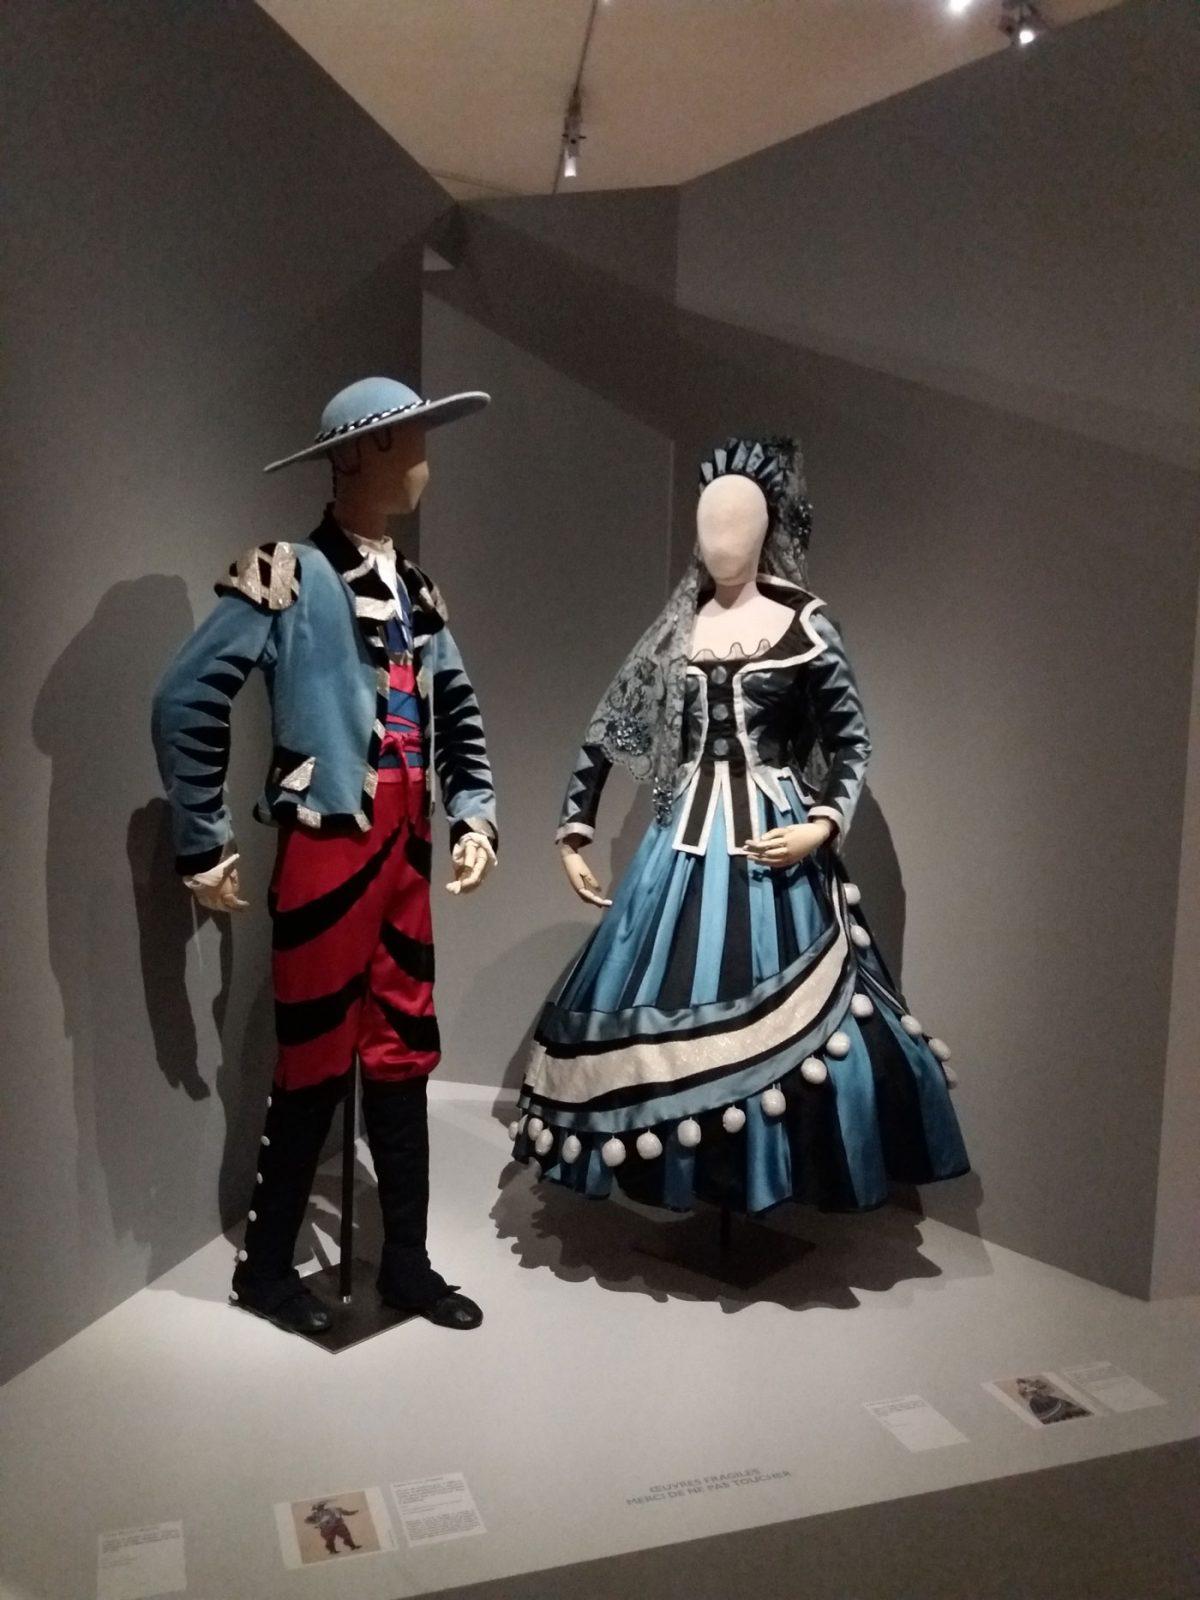 Picasso et la dance, exhibition setting | © Succession Picasso 2018